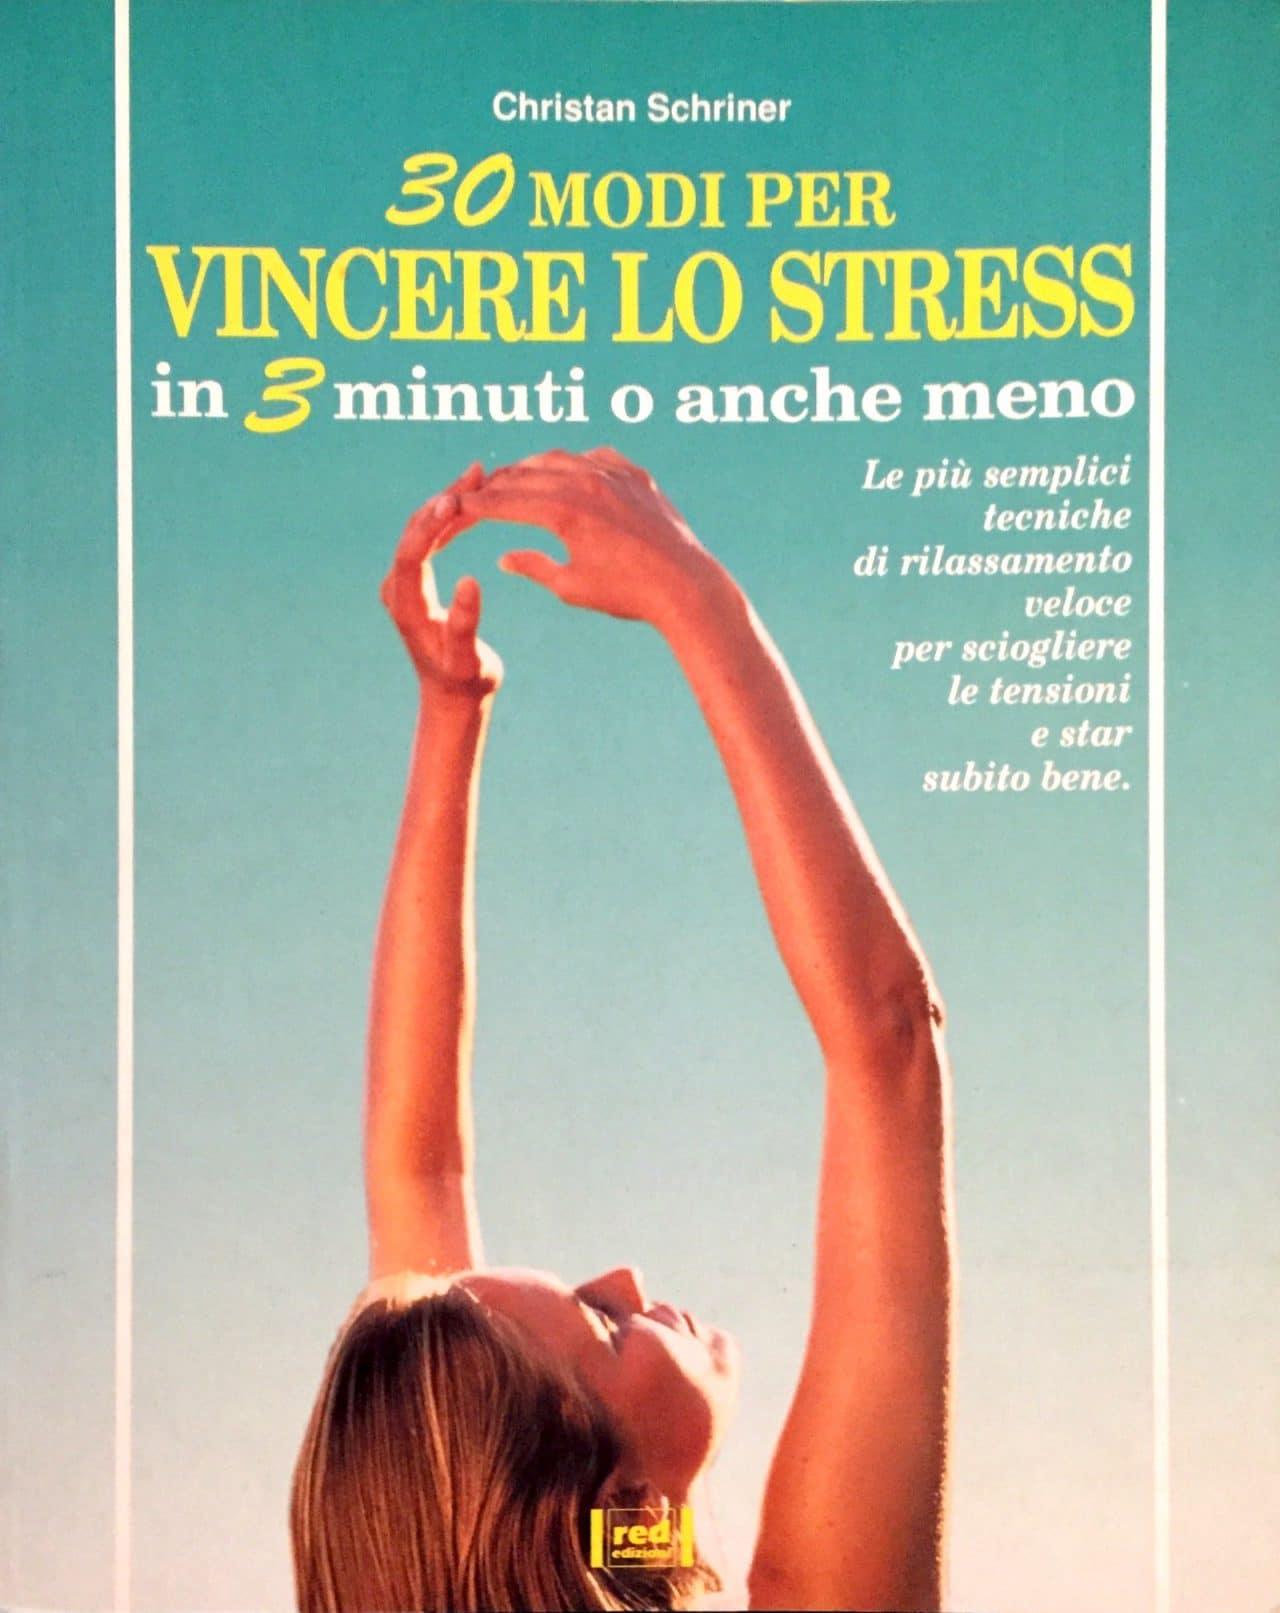 30 Modi Per Vincere Lo Stress In 3 Minuti E Anche Meno